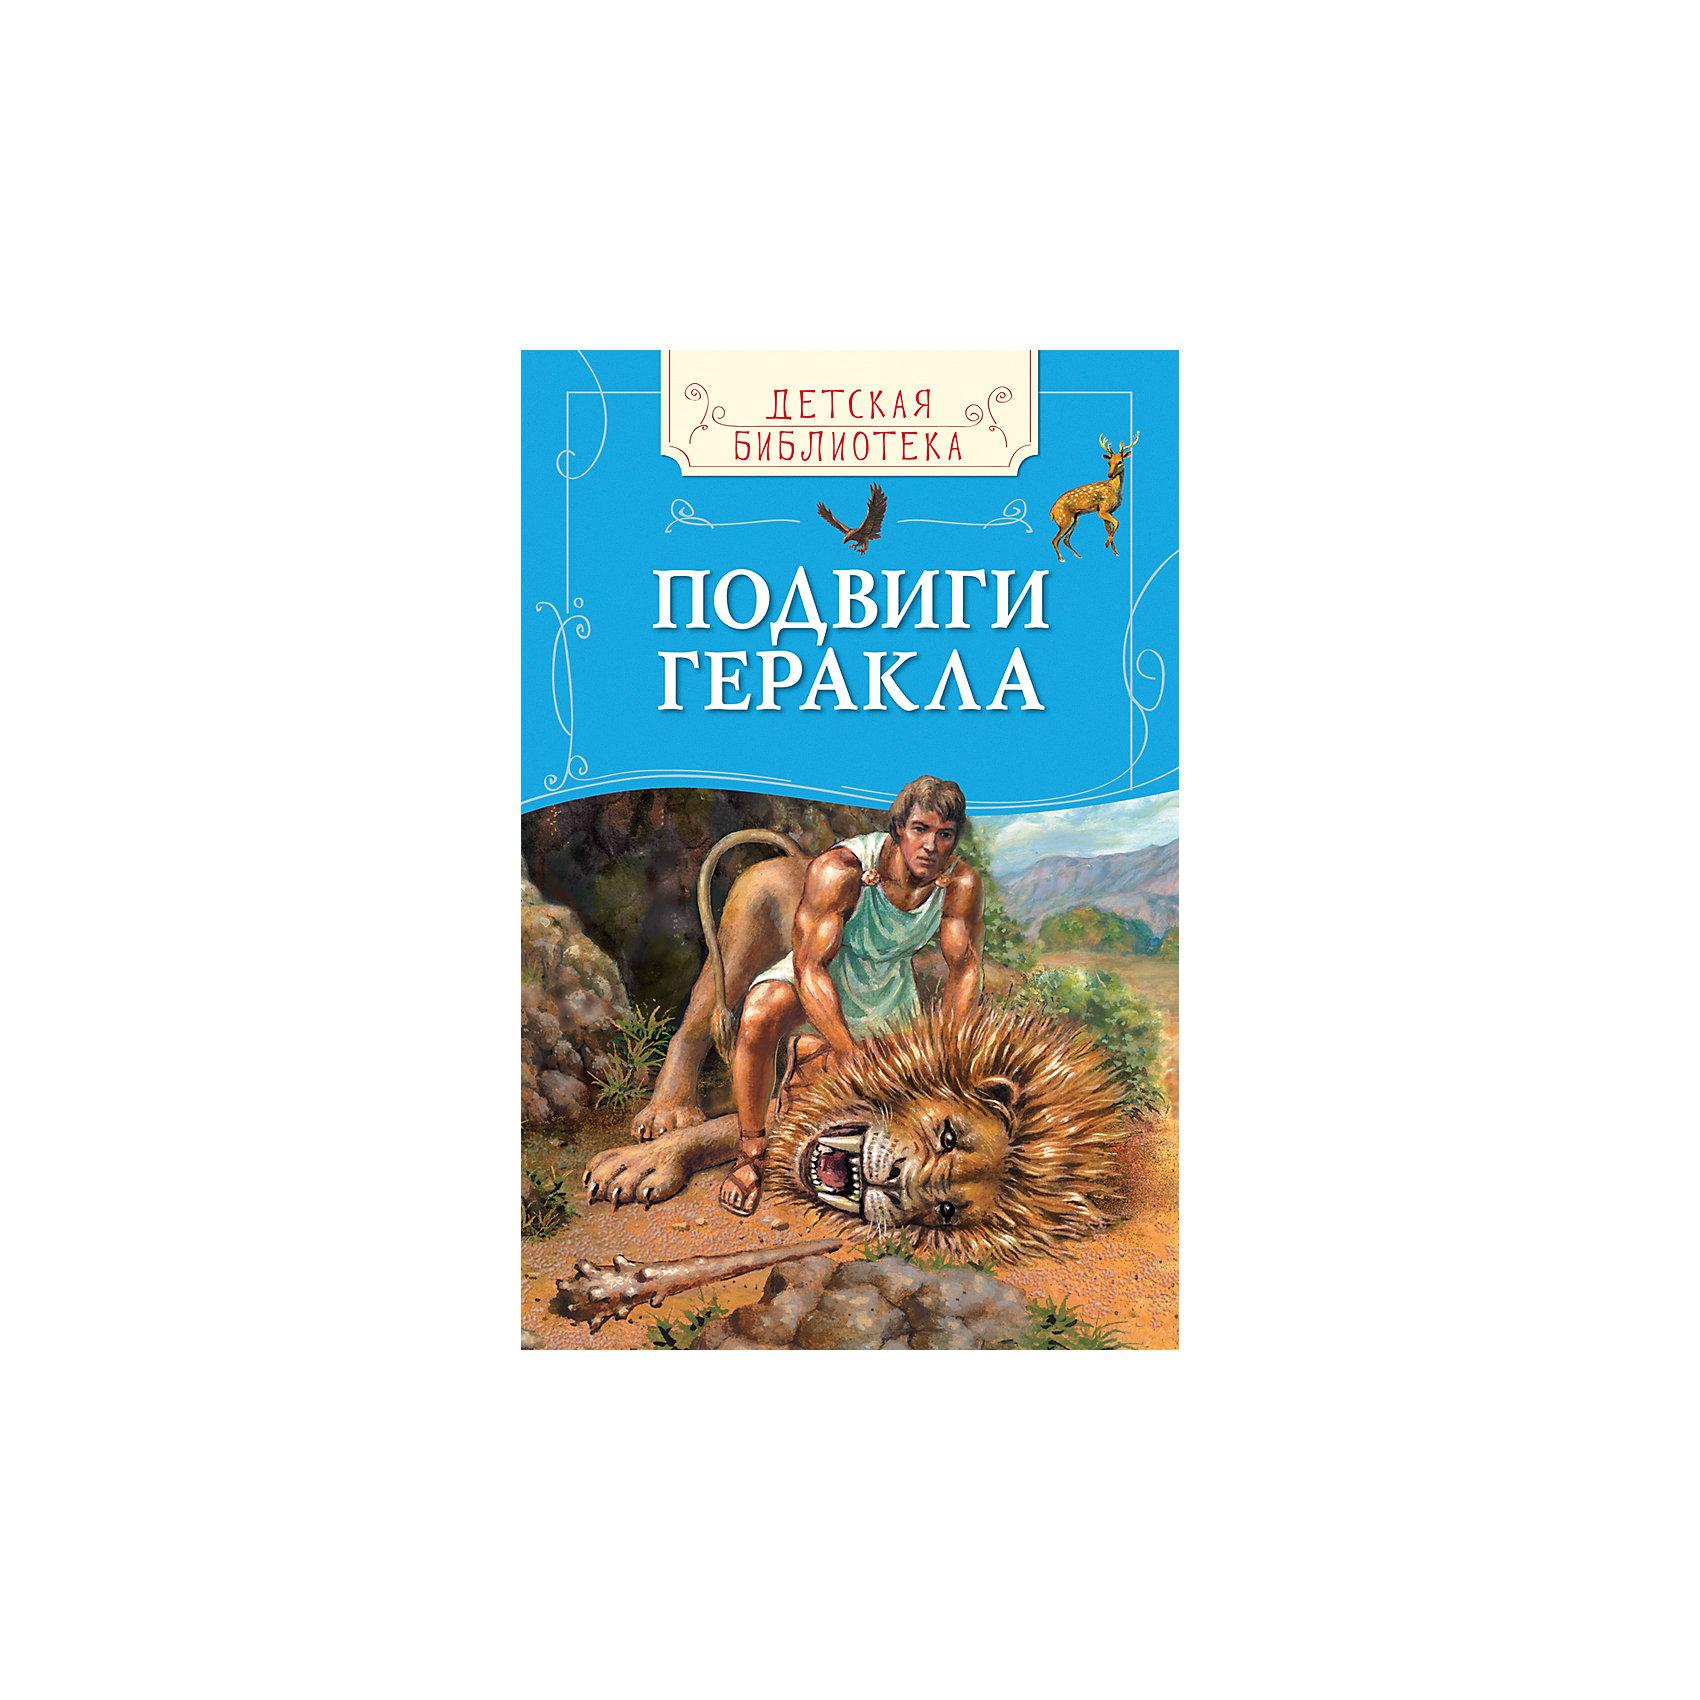 Подвиги ГераклаХарактеристики товара:<br><br>- цвет: разноцветный;<br>- материал: бумага;<br>- количество страниц: 64;<br>- обложка: твердая;<br>- цветные иллюстрации;<br>- возраст: 5+.<br><br>Такая книга – неотъемлемая часть домашней библиотеки. Знакомство с древнегреческими мифами должно происходить в детстве во время чтения знаменитых и значимых произведений, адаптированных специально для детей. Этот сборник откроет для ребенка мир древних богов и героев. В книге есть яркие и красочные иллюстрации, привлекающие внимание детей и способные привить любовь к книгам. Все материалы, использованные при производстве издания, отвечают требованиям по качеству и безопасности. <br><br>Издание Подвиги Геракла от компании Росмэн можно приобрести в нашем интернет-магазине.<br><br>Ширина мм: 222<br>Глубина мм: 145<br>Высота мм: 8<br>Вес г: 157<br>Возраст от месяцев: 36<br>Возраст до месяцев: 72<br>Пол: Унисекс<br>Возраст: Детский<br>SKU: 5109896